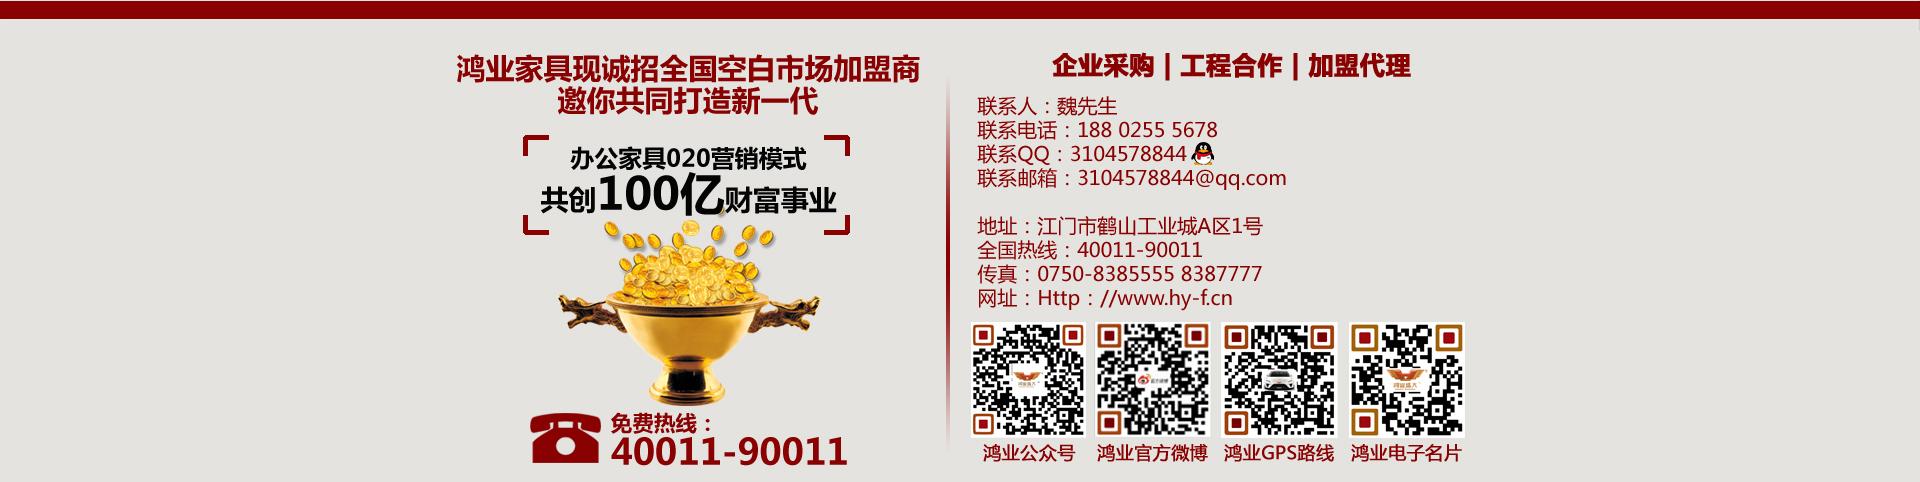 加盟广东亚博足彩app苹果版亚博体育苹果官方下载020营销模式